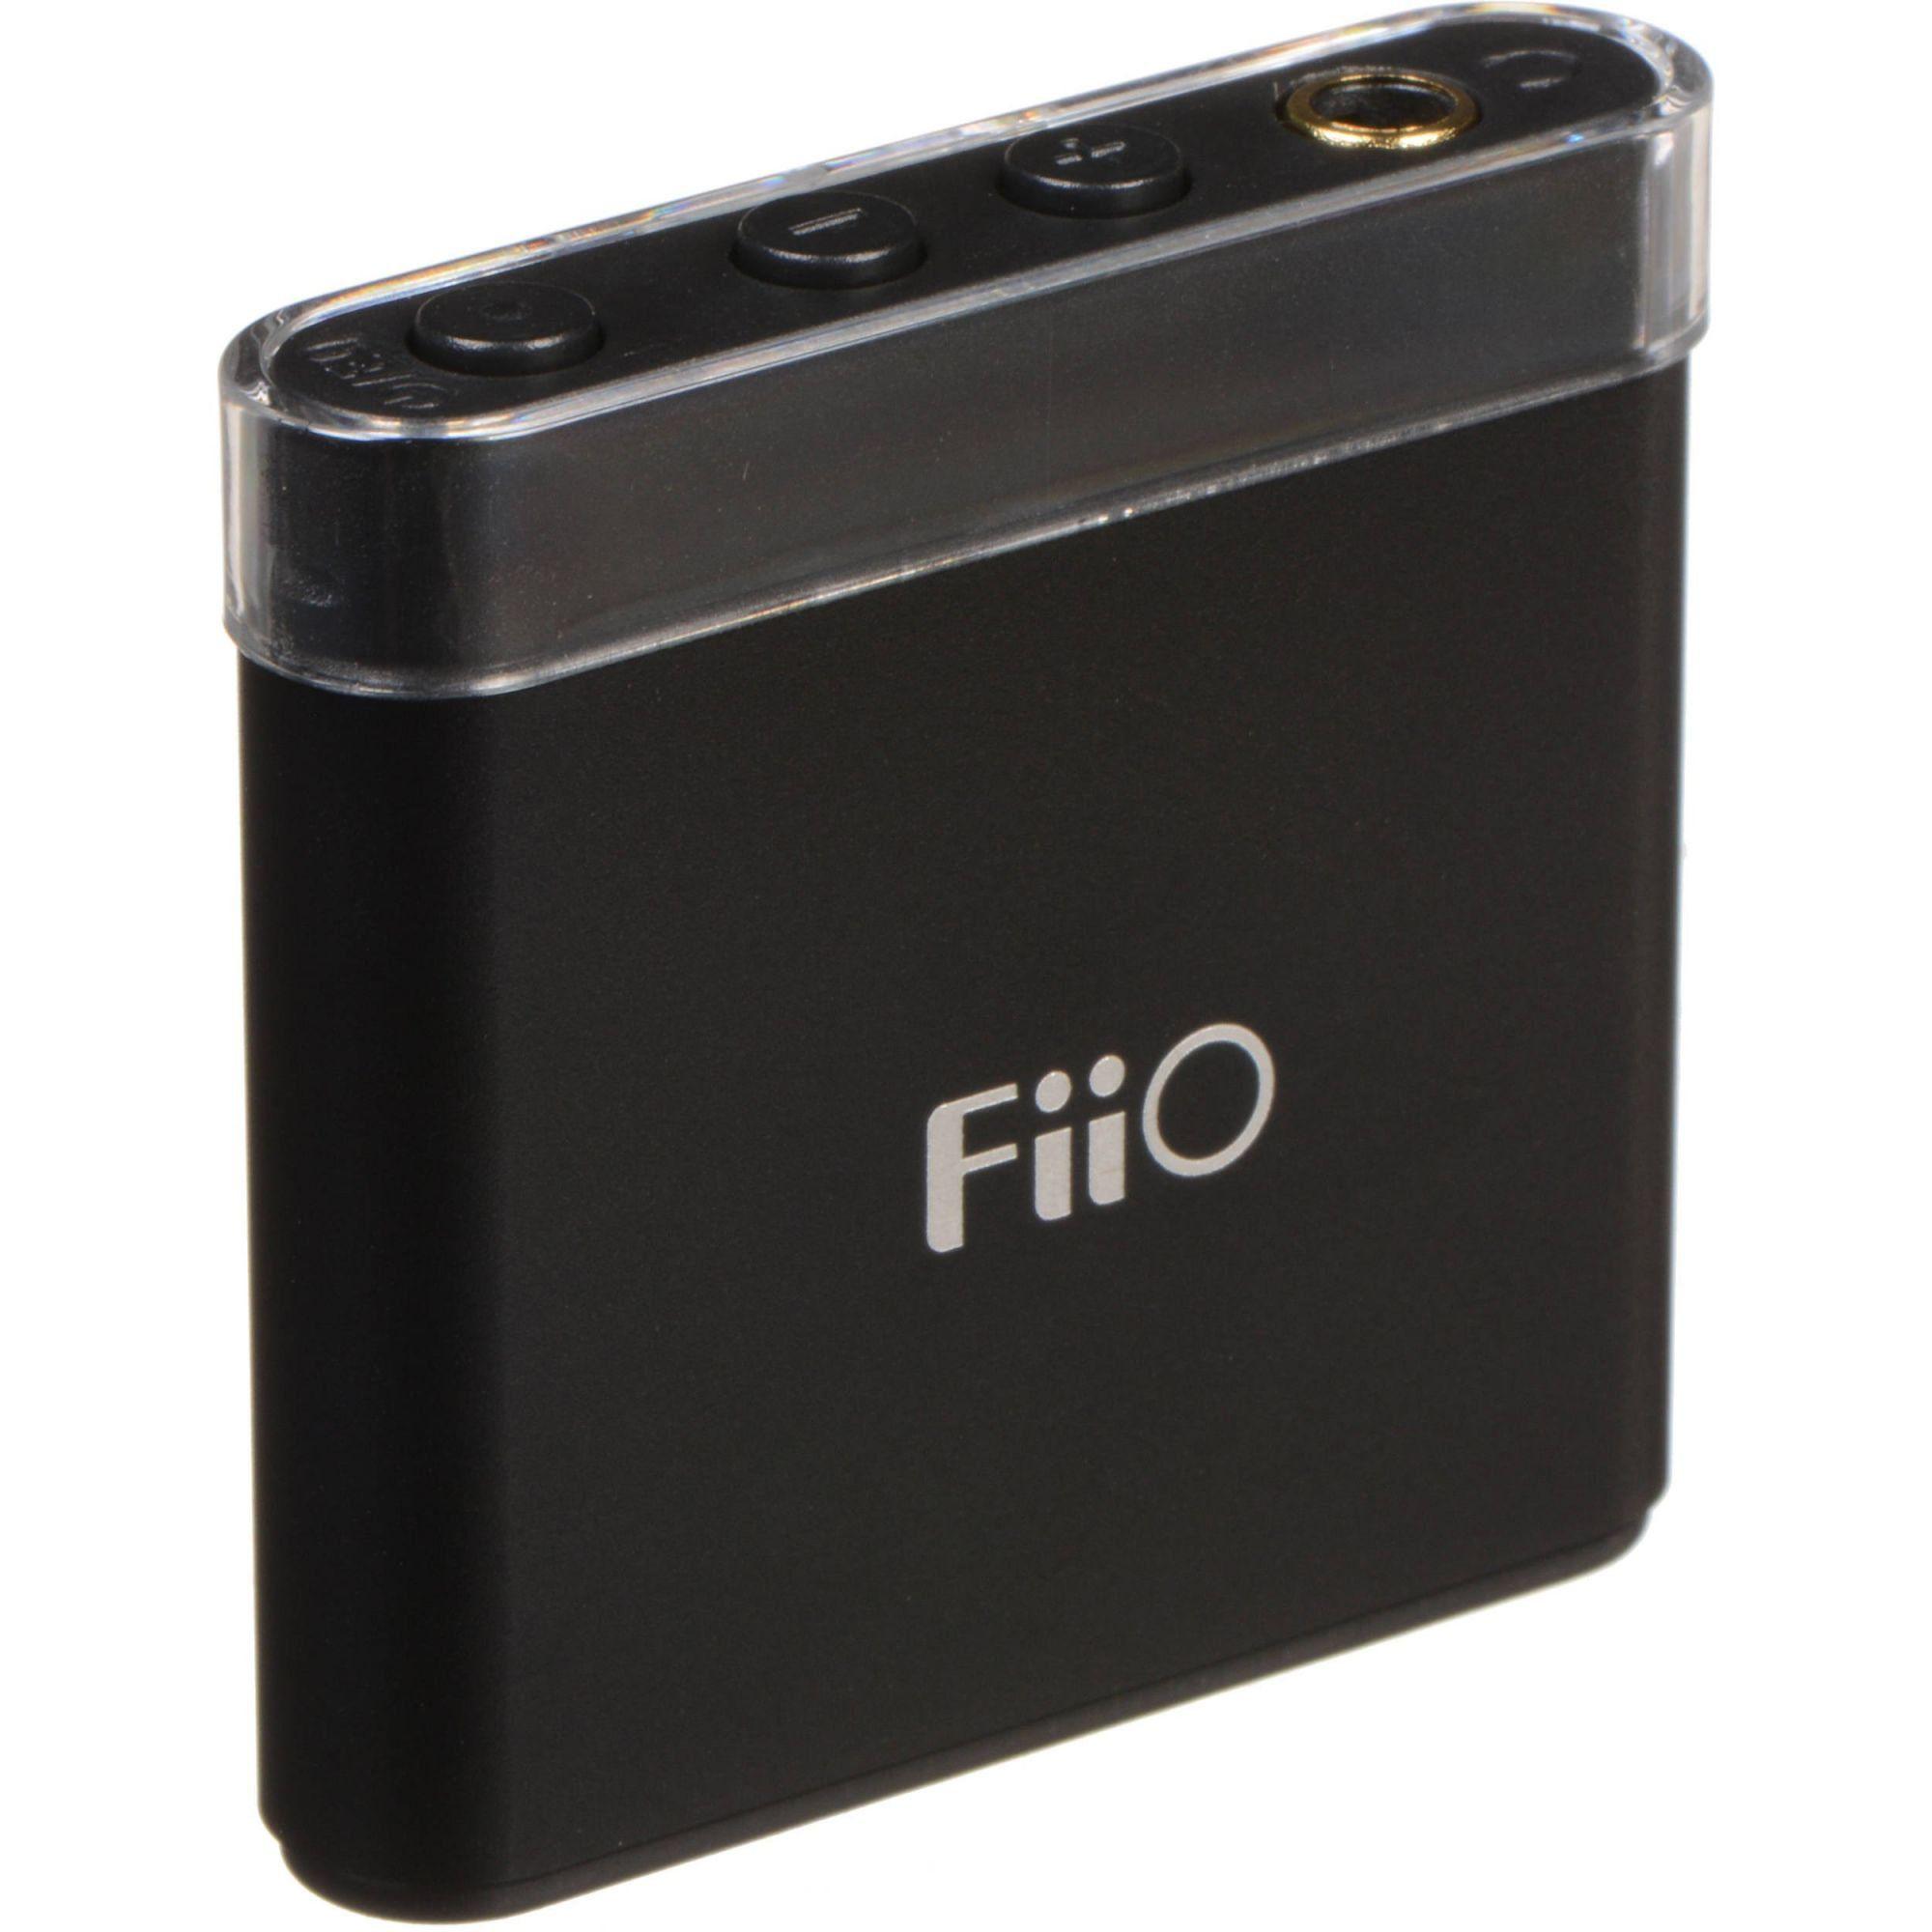 Fiio A1 amplificador para fones de ouvido FiioA1